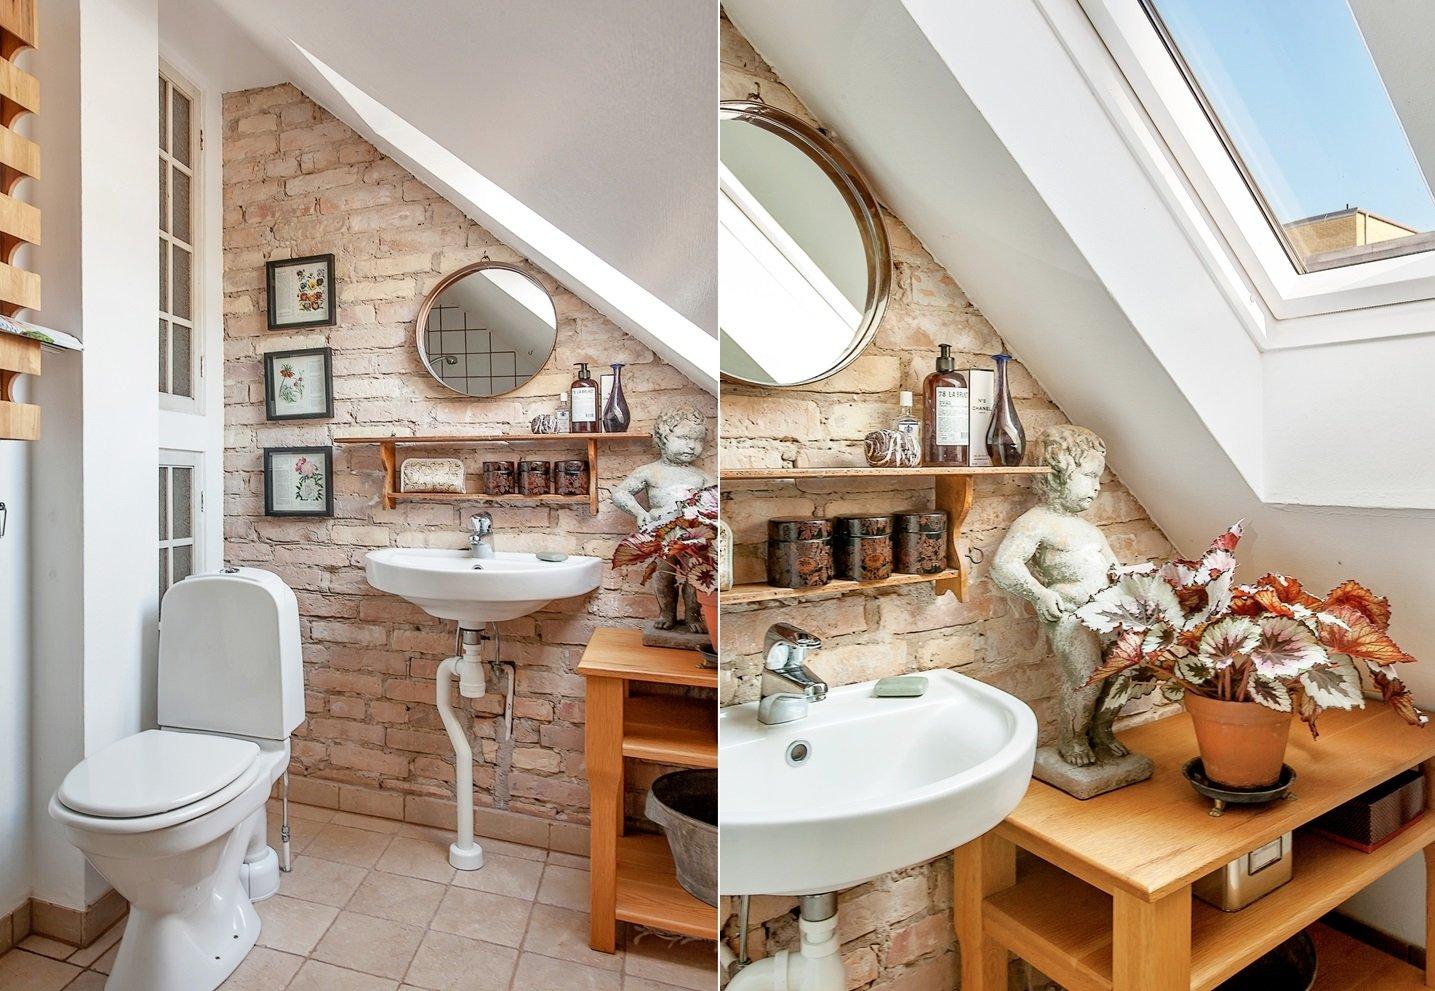 Cải tạo phòng tắm nhỏ và 25 gợi ý mẫu phòng tắm hiện đại dành cho bạn post image